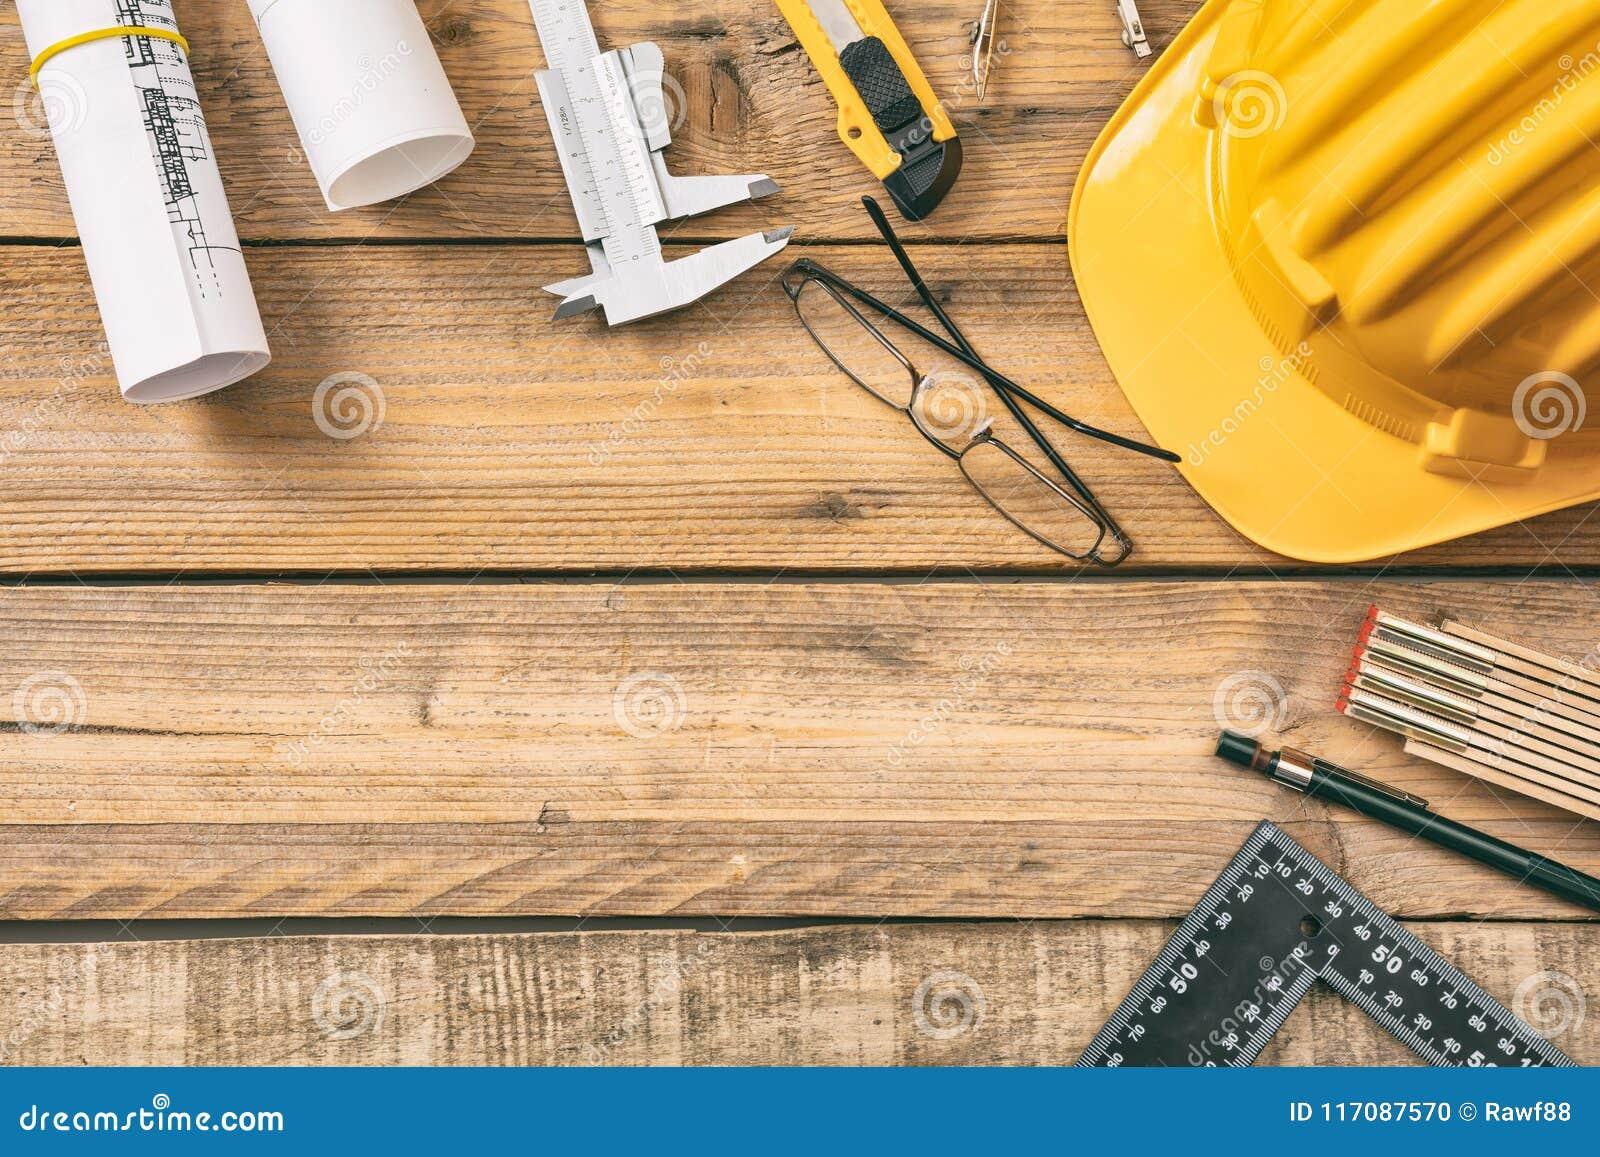 Рабочее место архитектора Запроектируйте светокопии конструкции и инструменты инженерства на деревянном столе, копируют космос